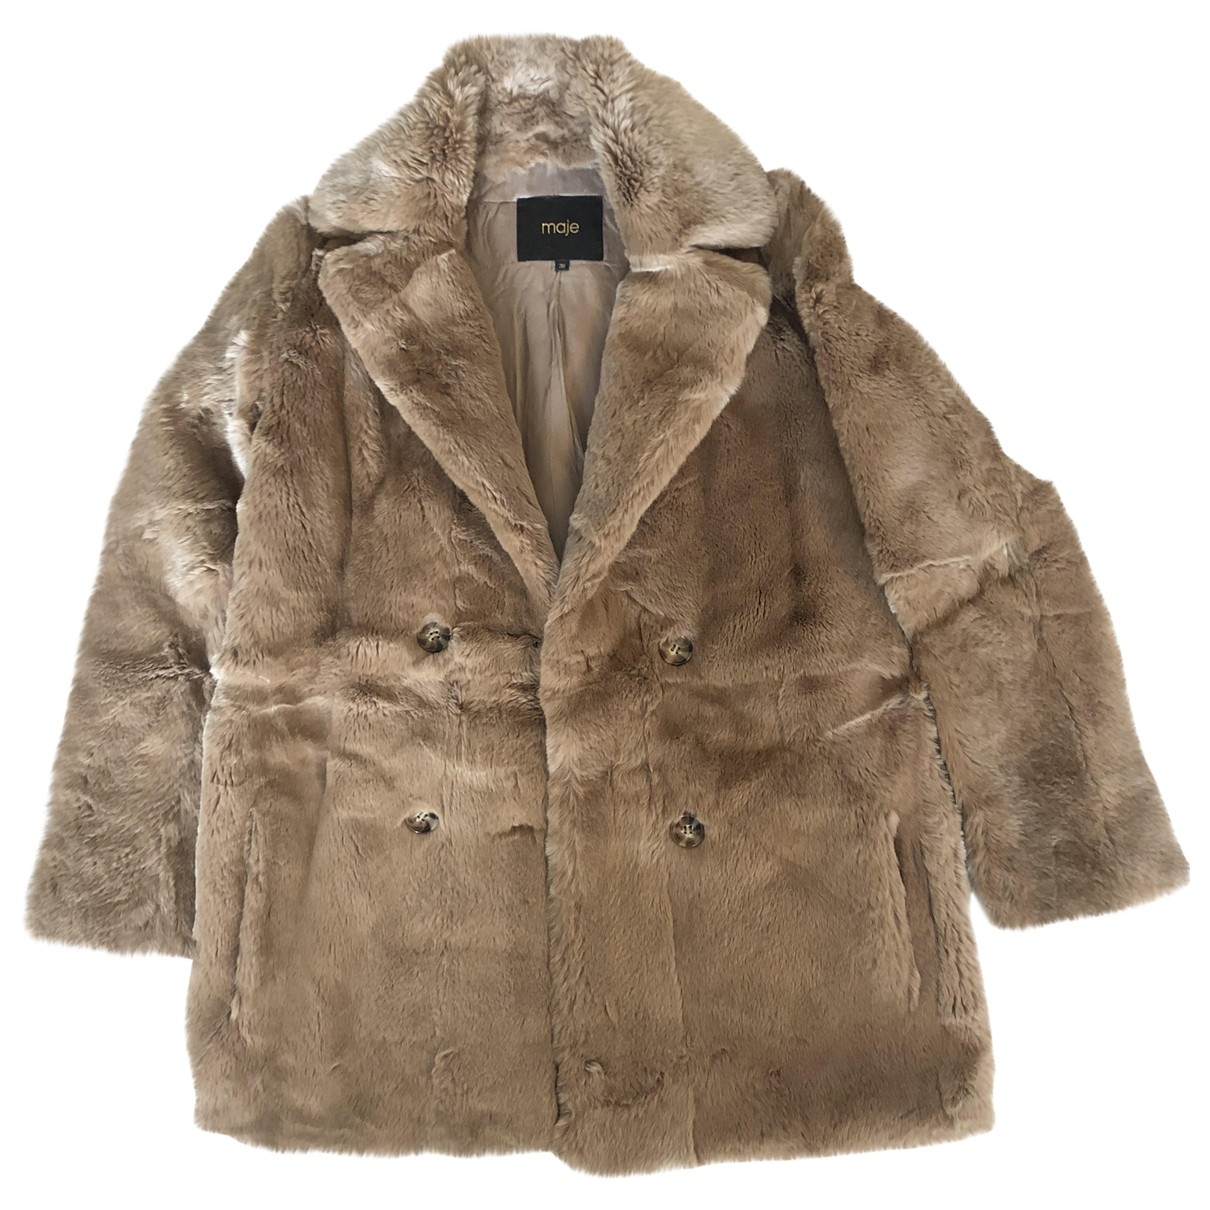 Maje - Manteau   pour femme en lapin - camel